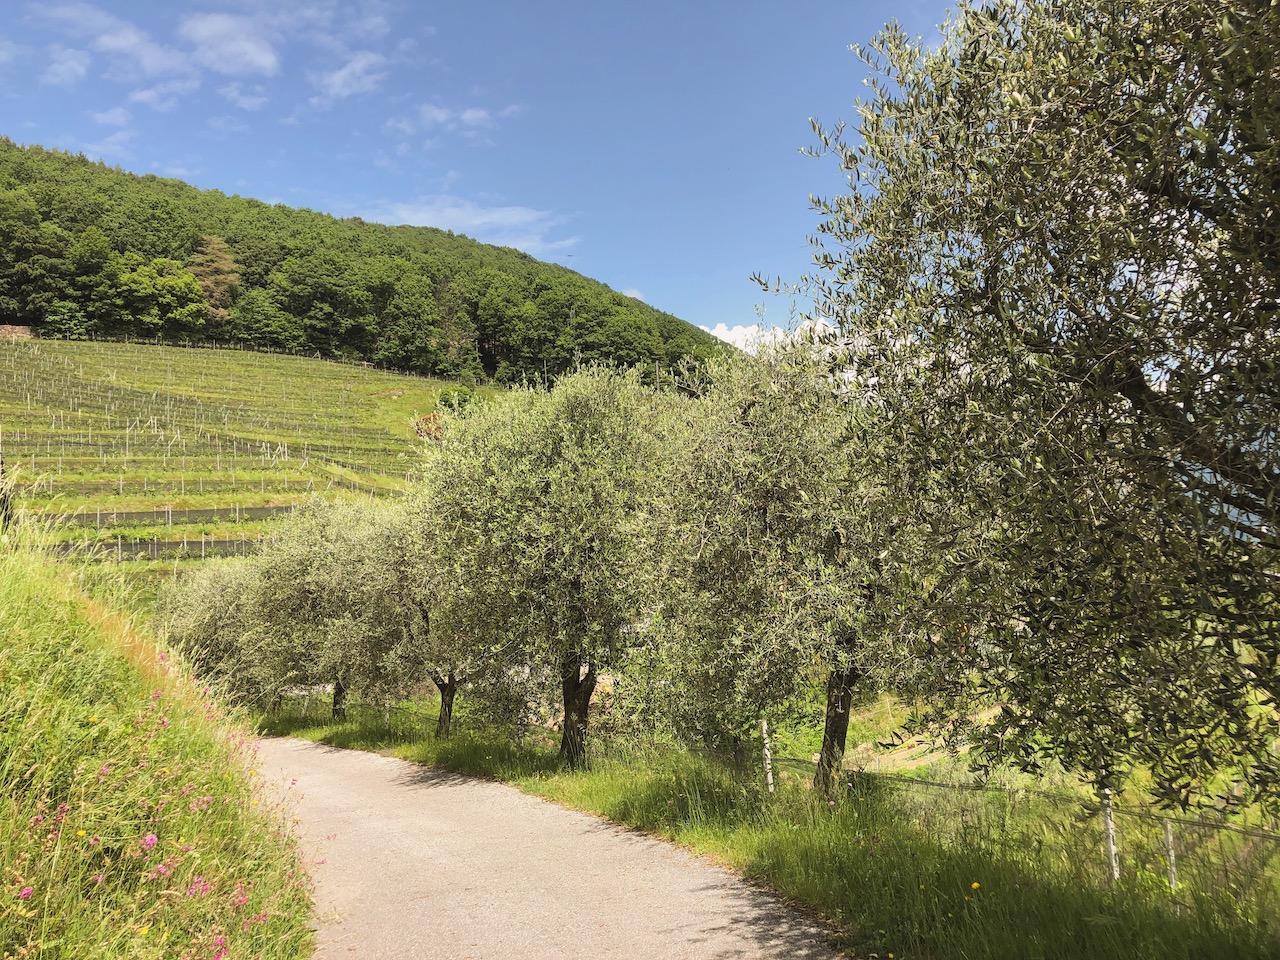 Rendez-vous mit der Schweiz Annaway Reiseblog Travelblog Lifestyle